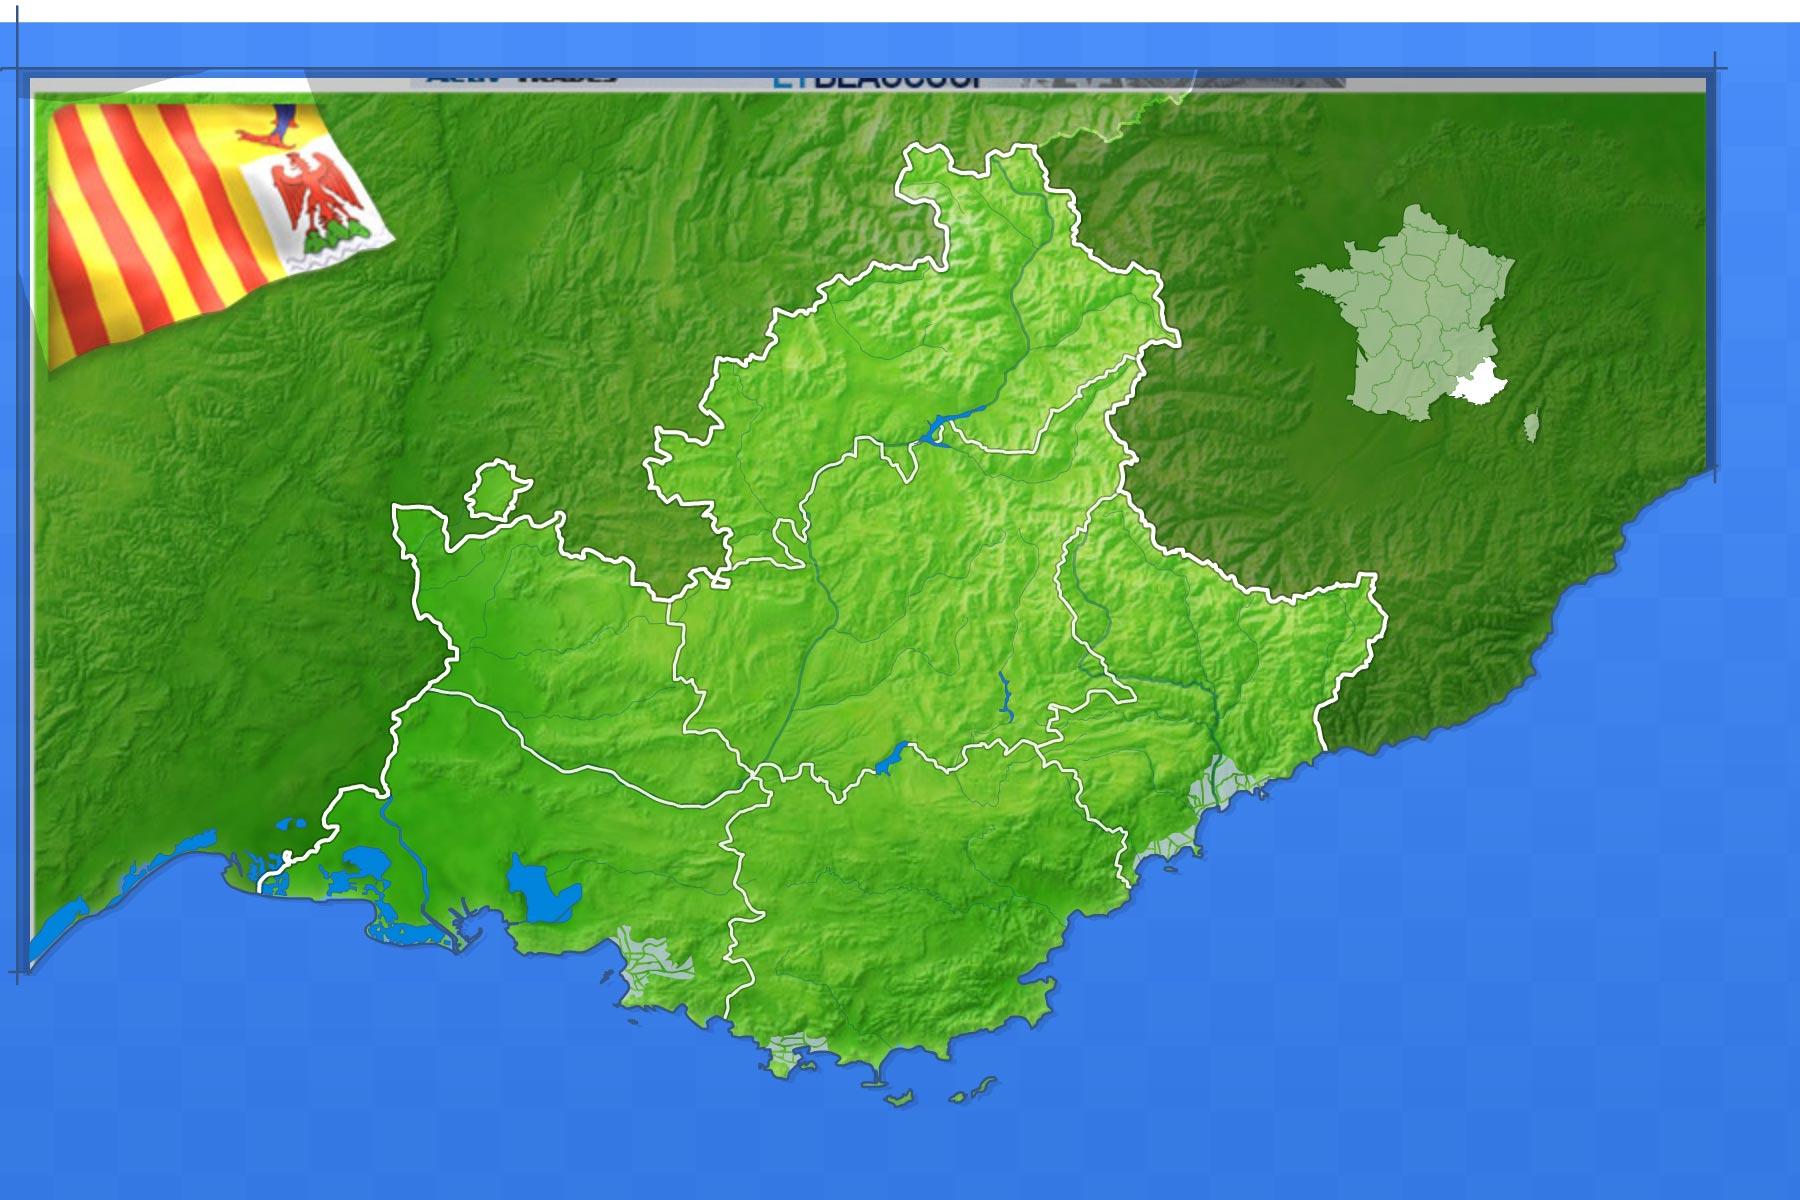 Jeux-Geographiques Jeux Gratuits Villes De Provence concernant Jeux Geographique Ville De France